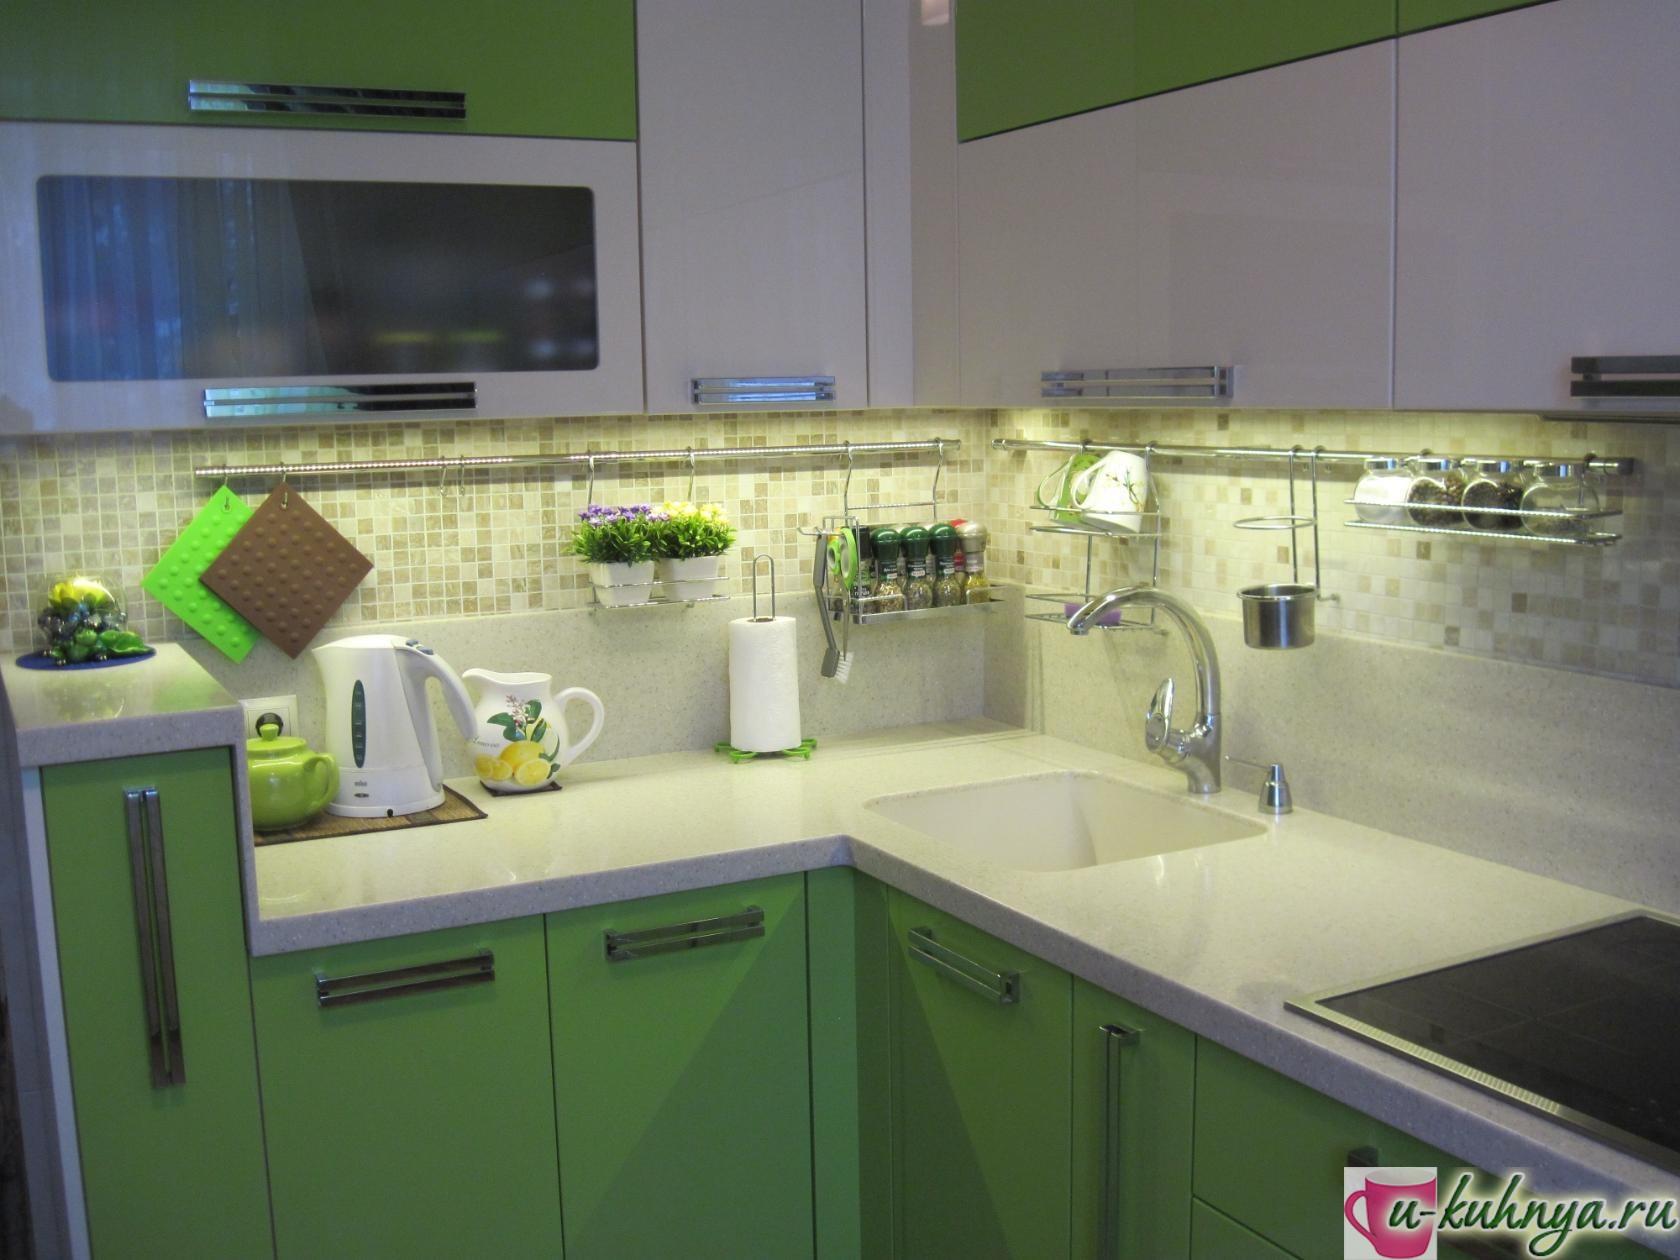 кухня с ручками рейлингами фото